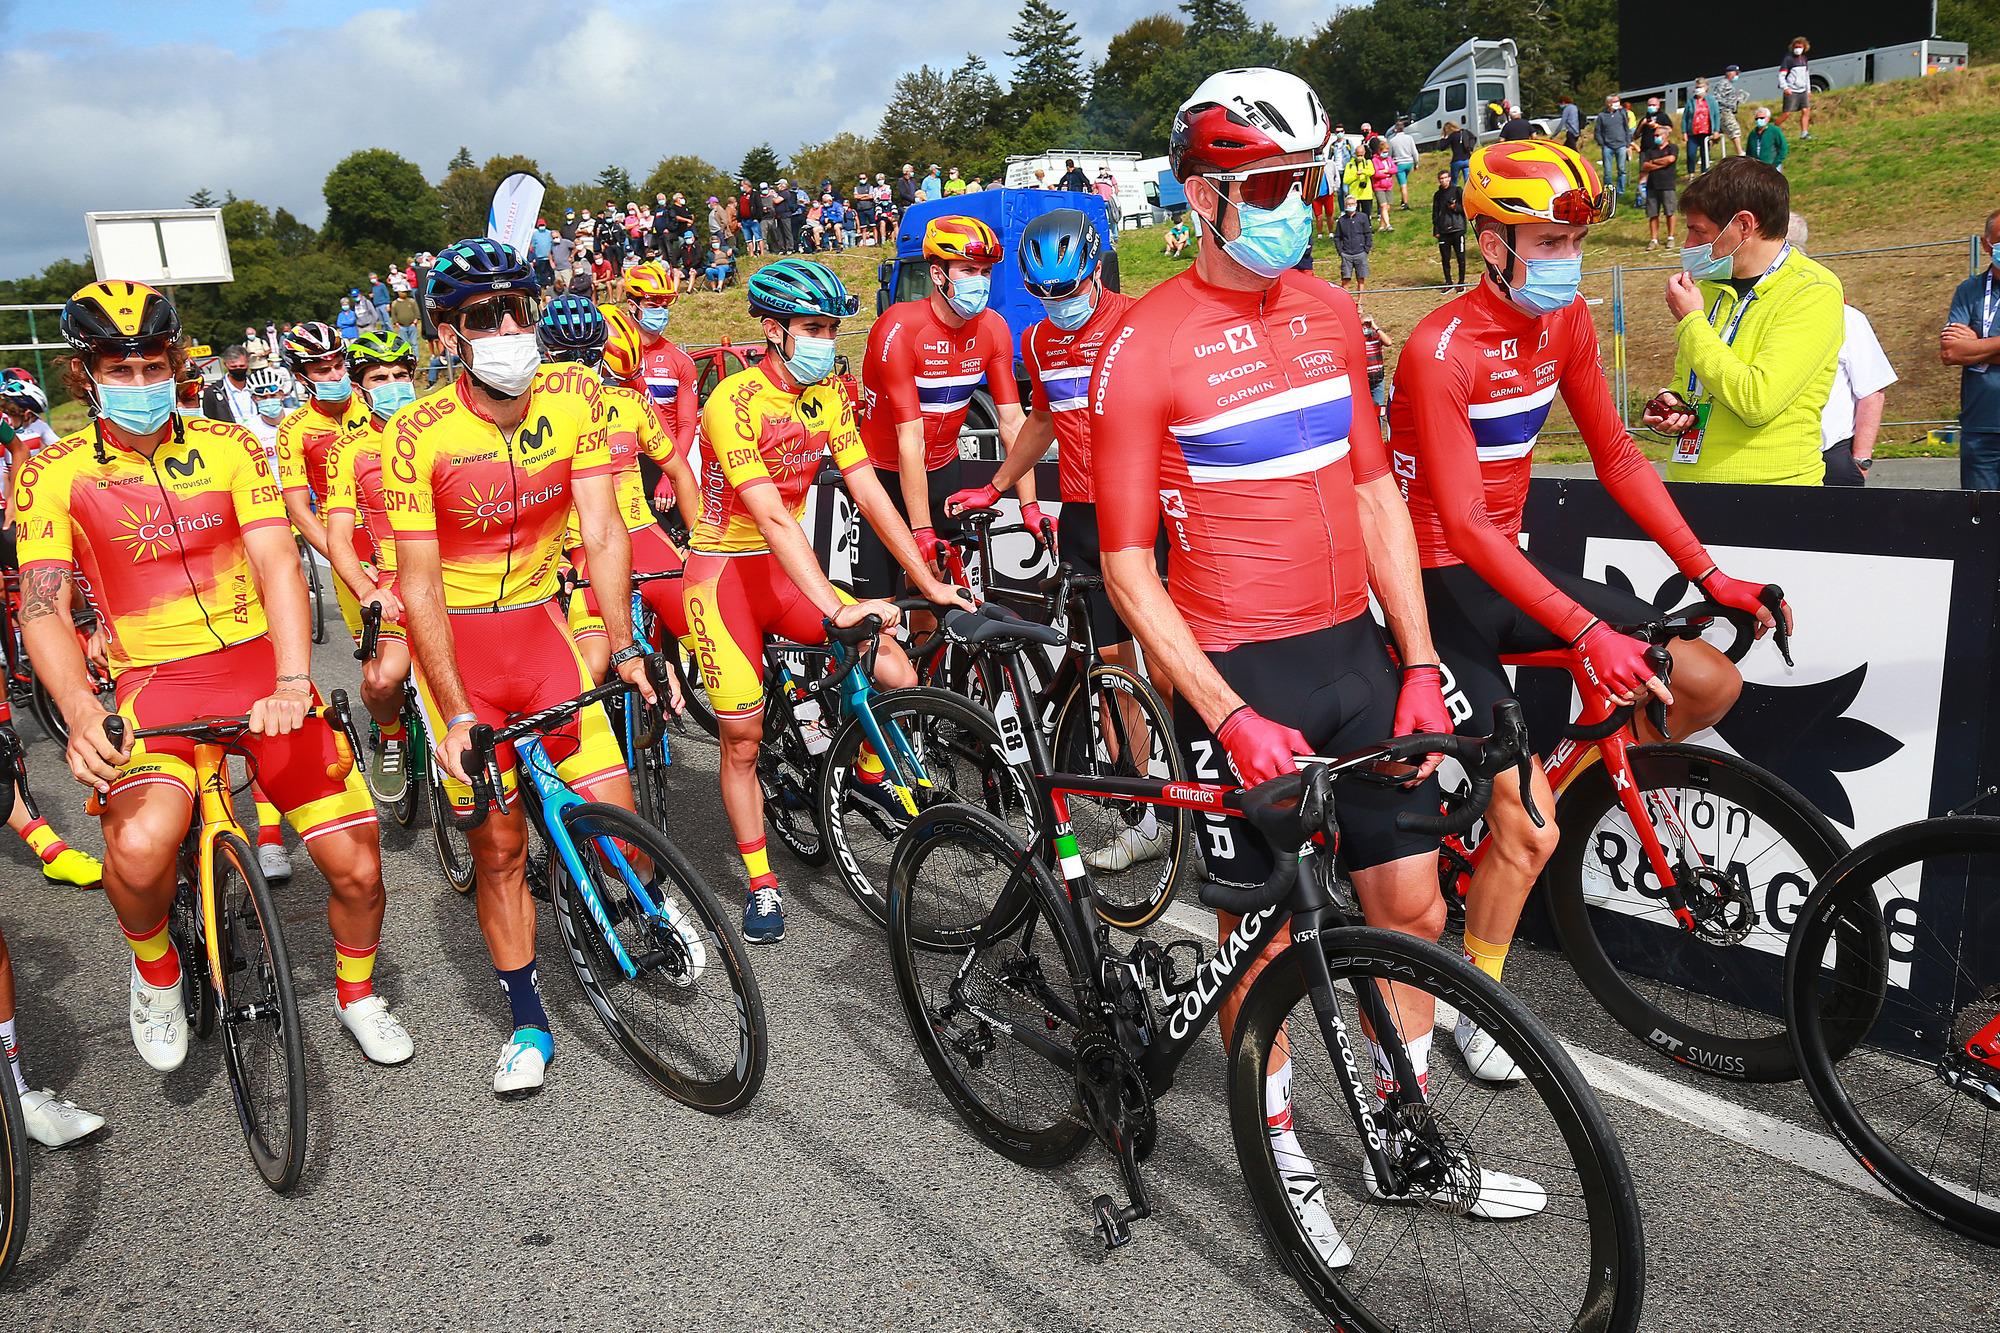 Alexander Kristoff lead the Norway team